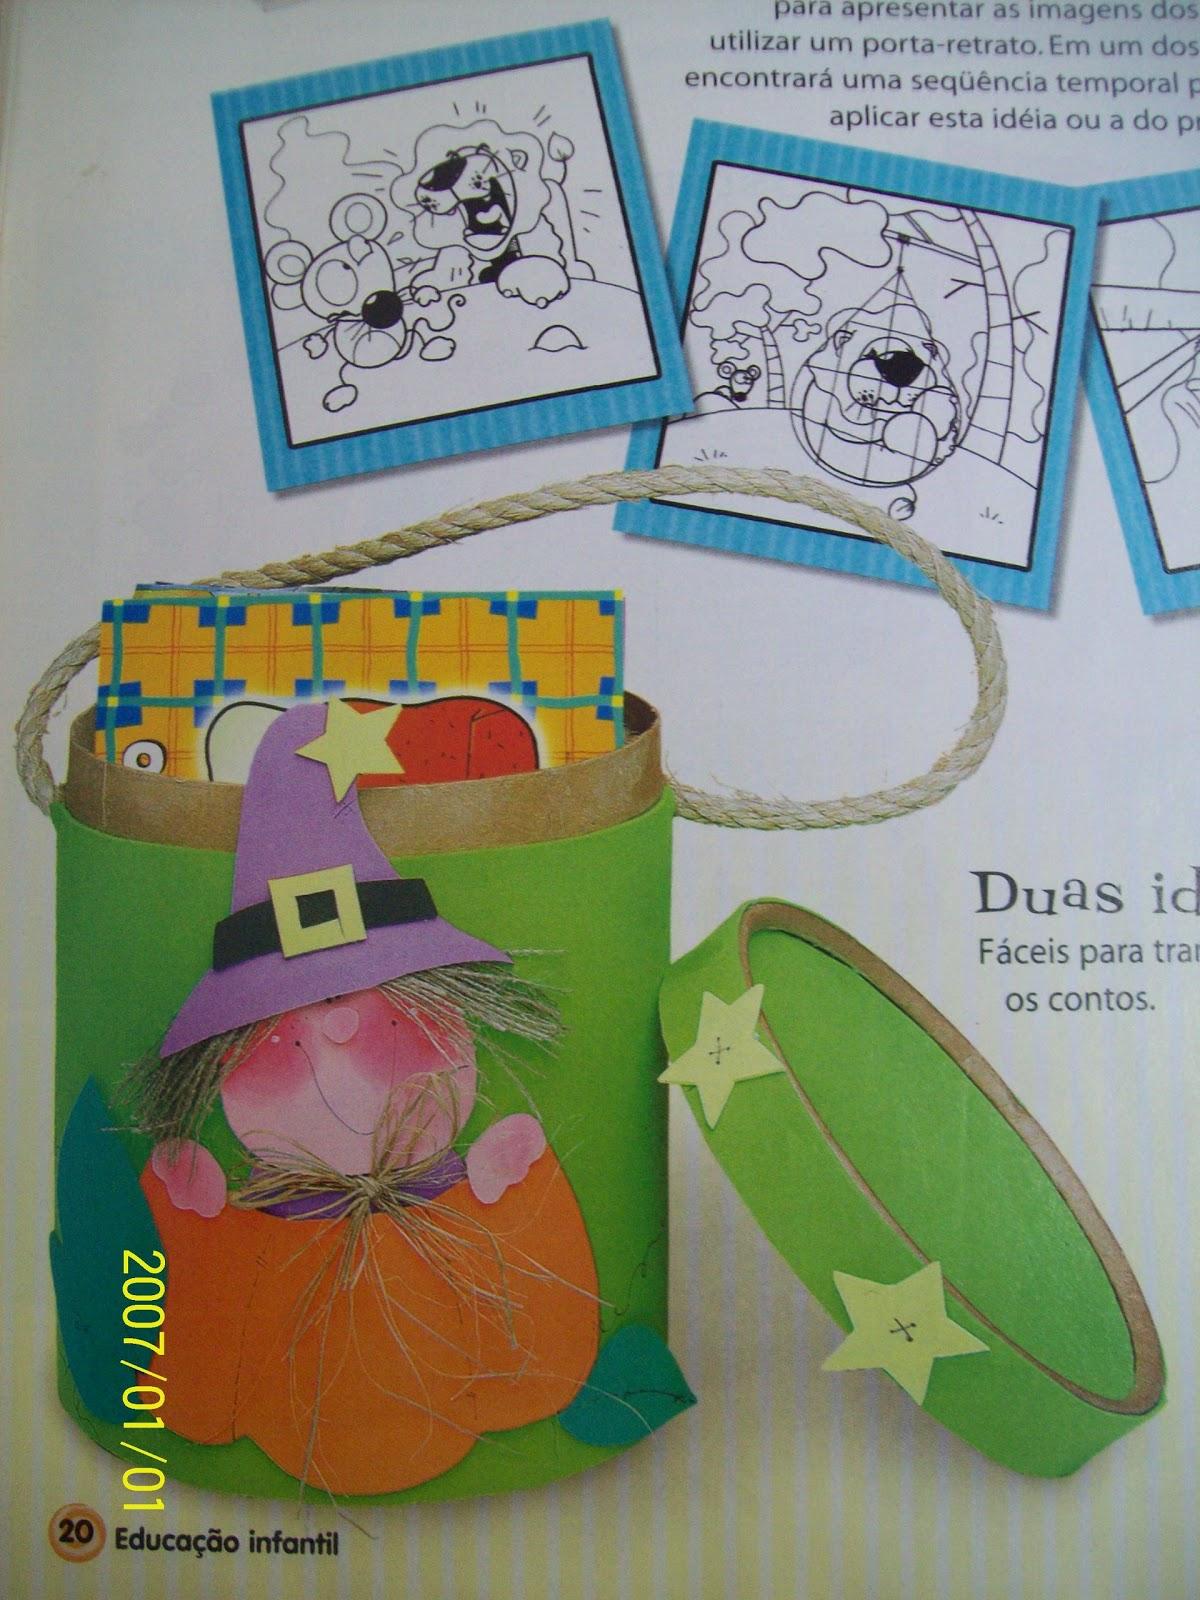 decoracao de sala aula educacao infantil : decoracao de sala aula educacao infantil:EDUCAÇÃO INFANTIL CRIATIVA: DECORAÇÃO PARA SALA DE AULA